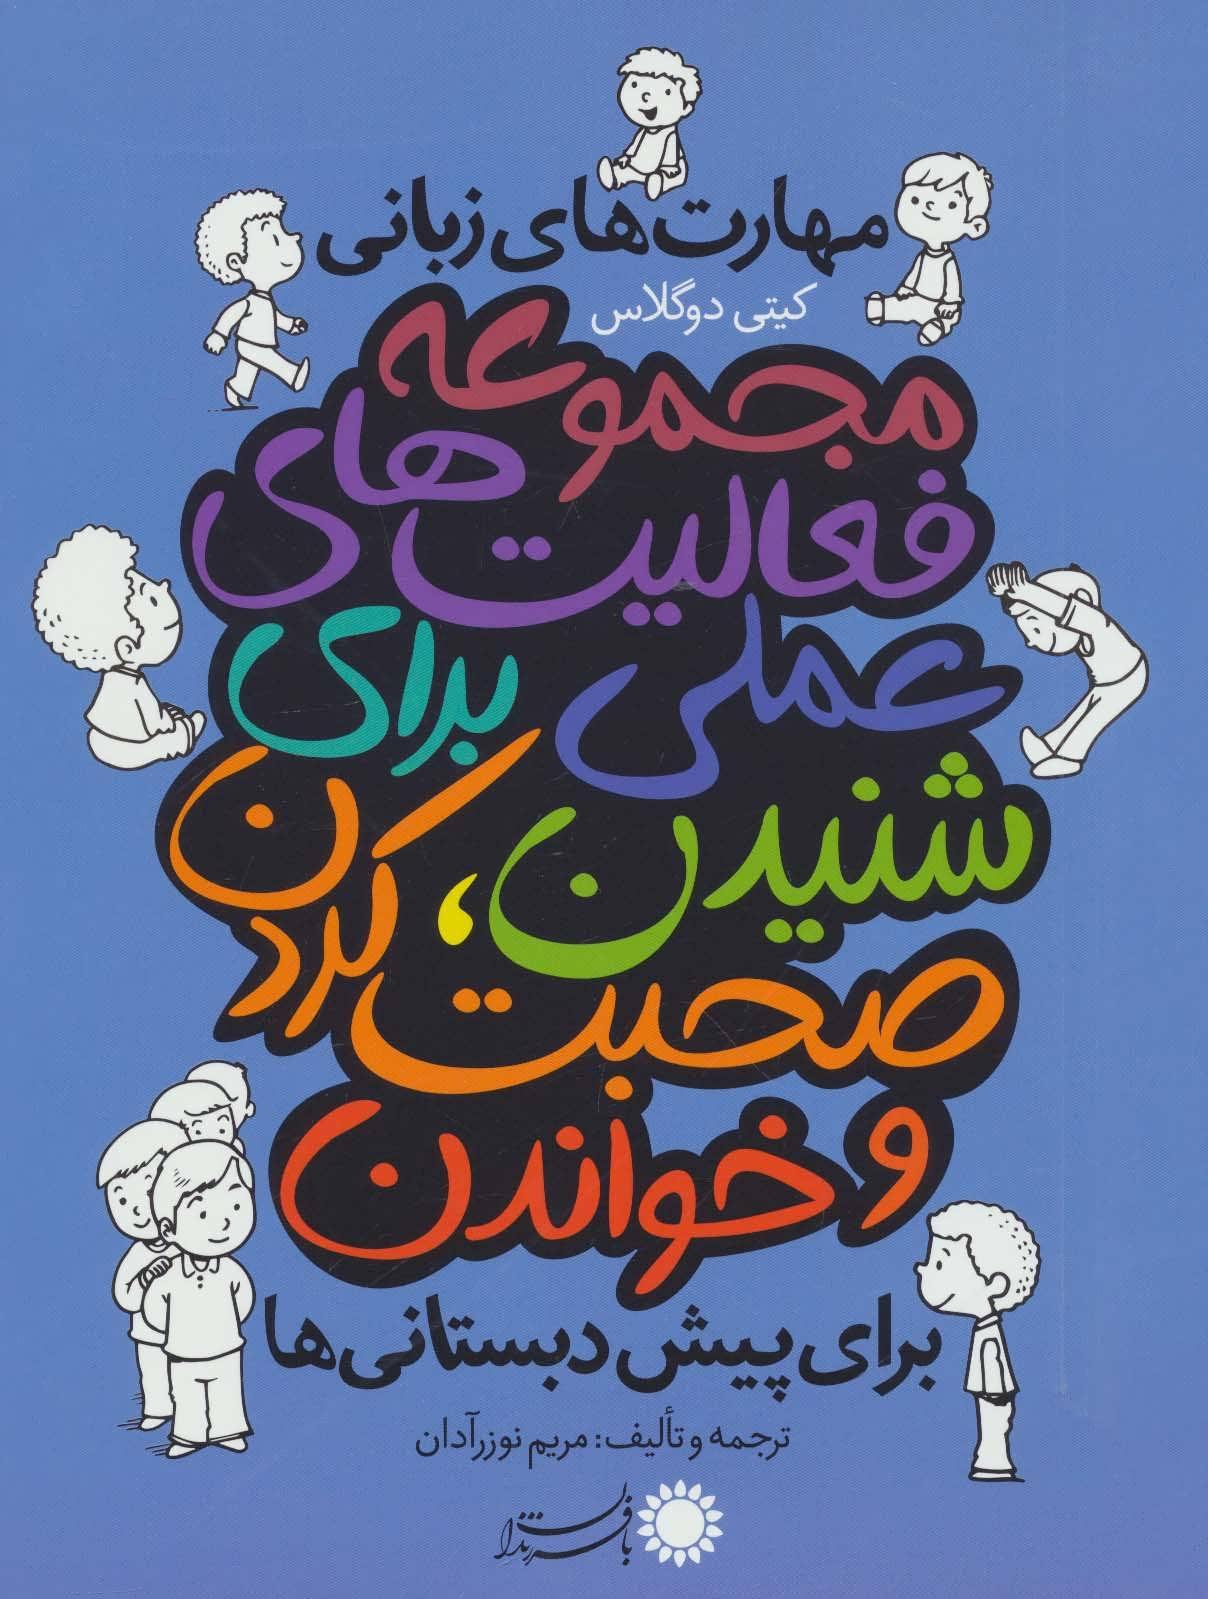 مجموعه فعالیت های عملی برای شنیدن،صحبت کردن و خواندن:مهارت های زبانی برای پیش دبستانی ها